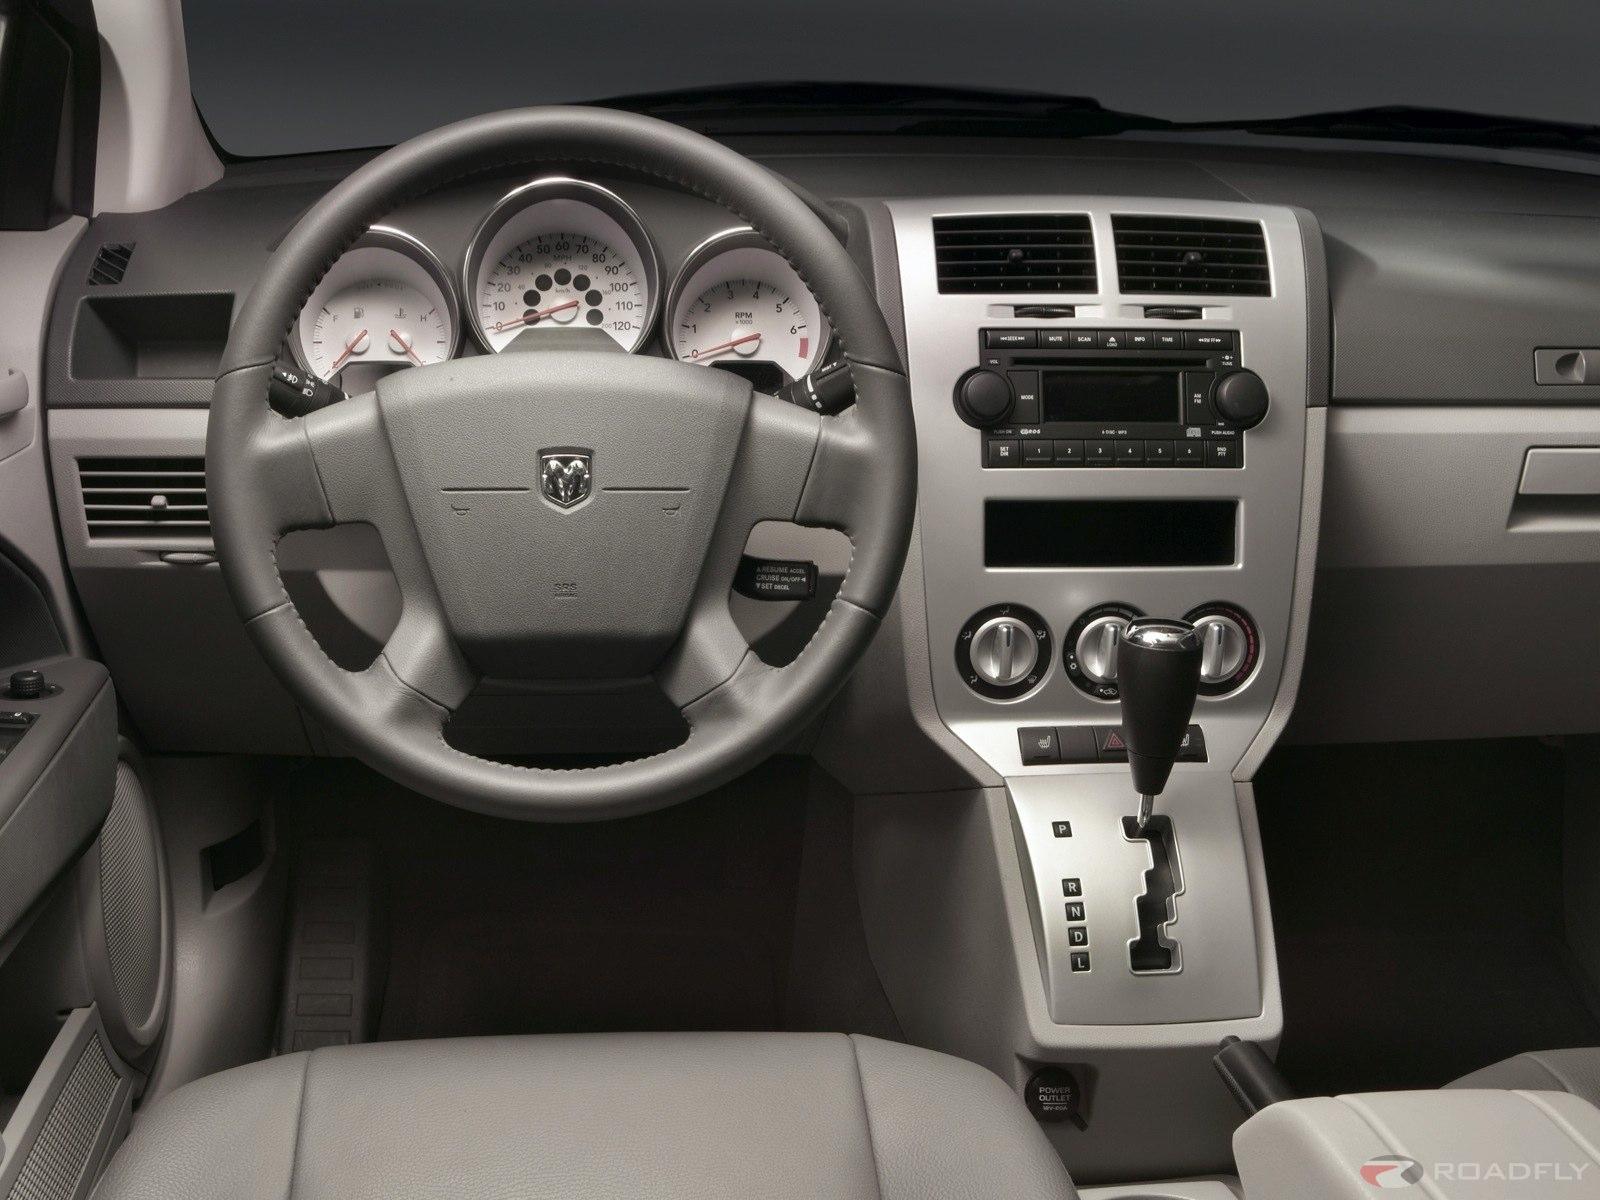 Dodge Caliber Nice Design